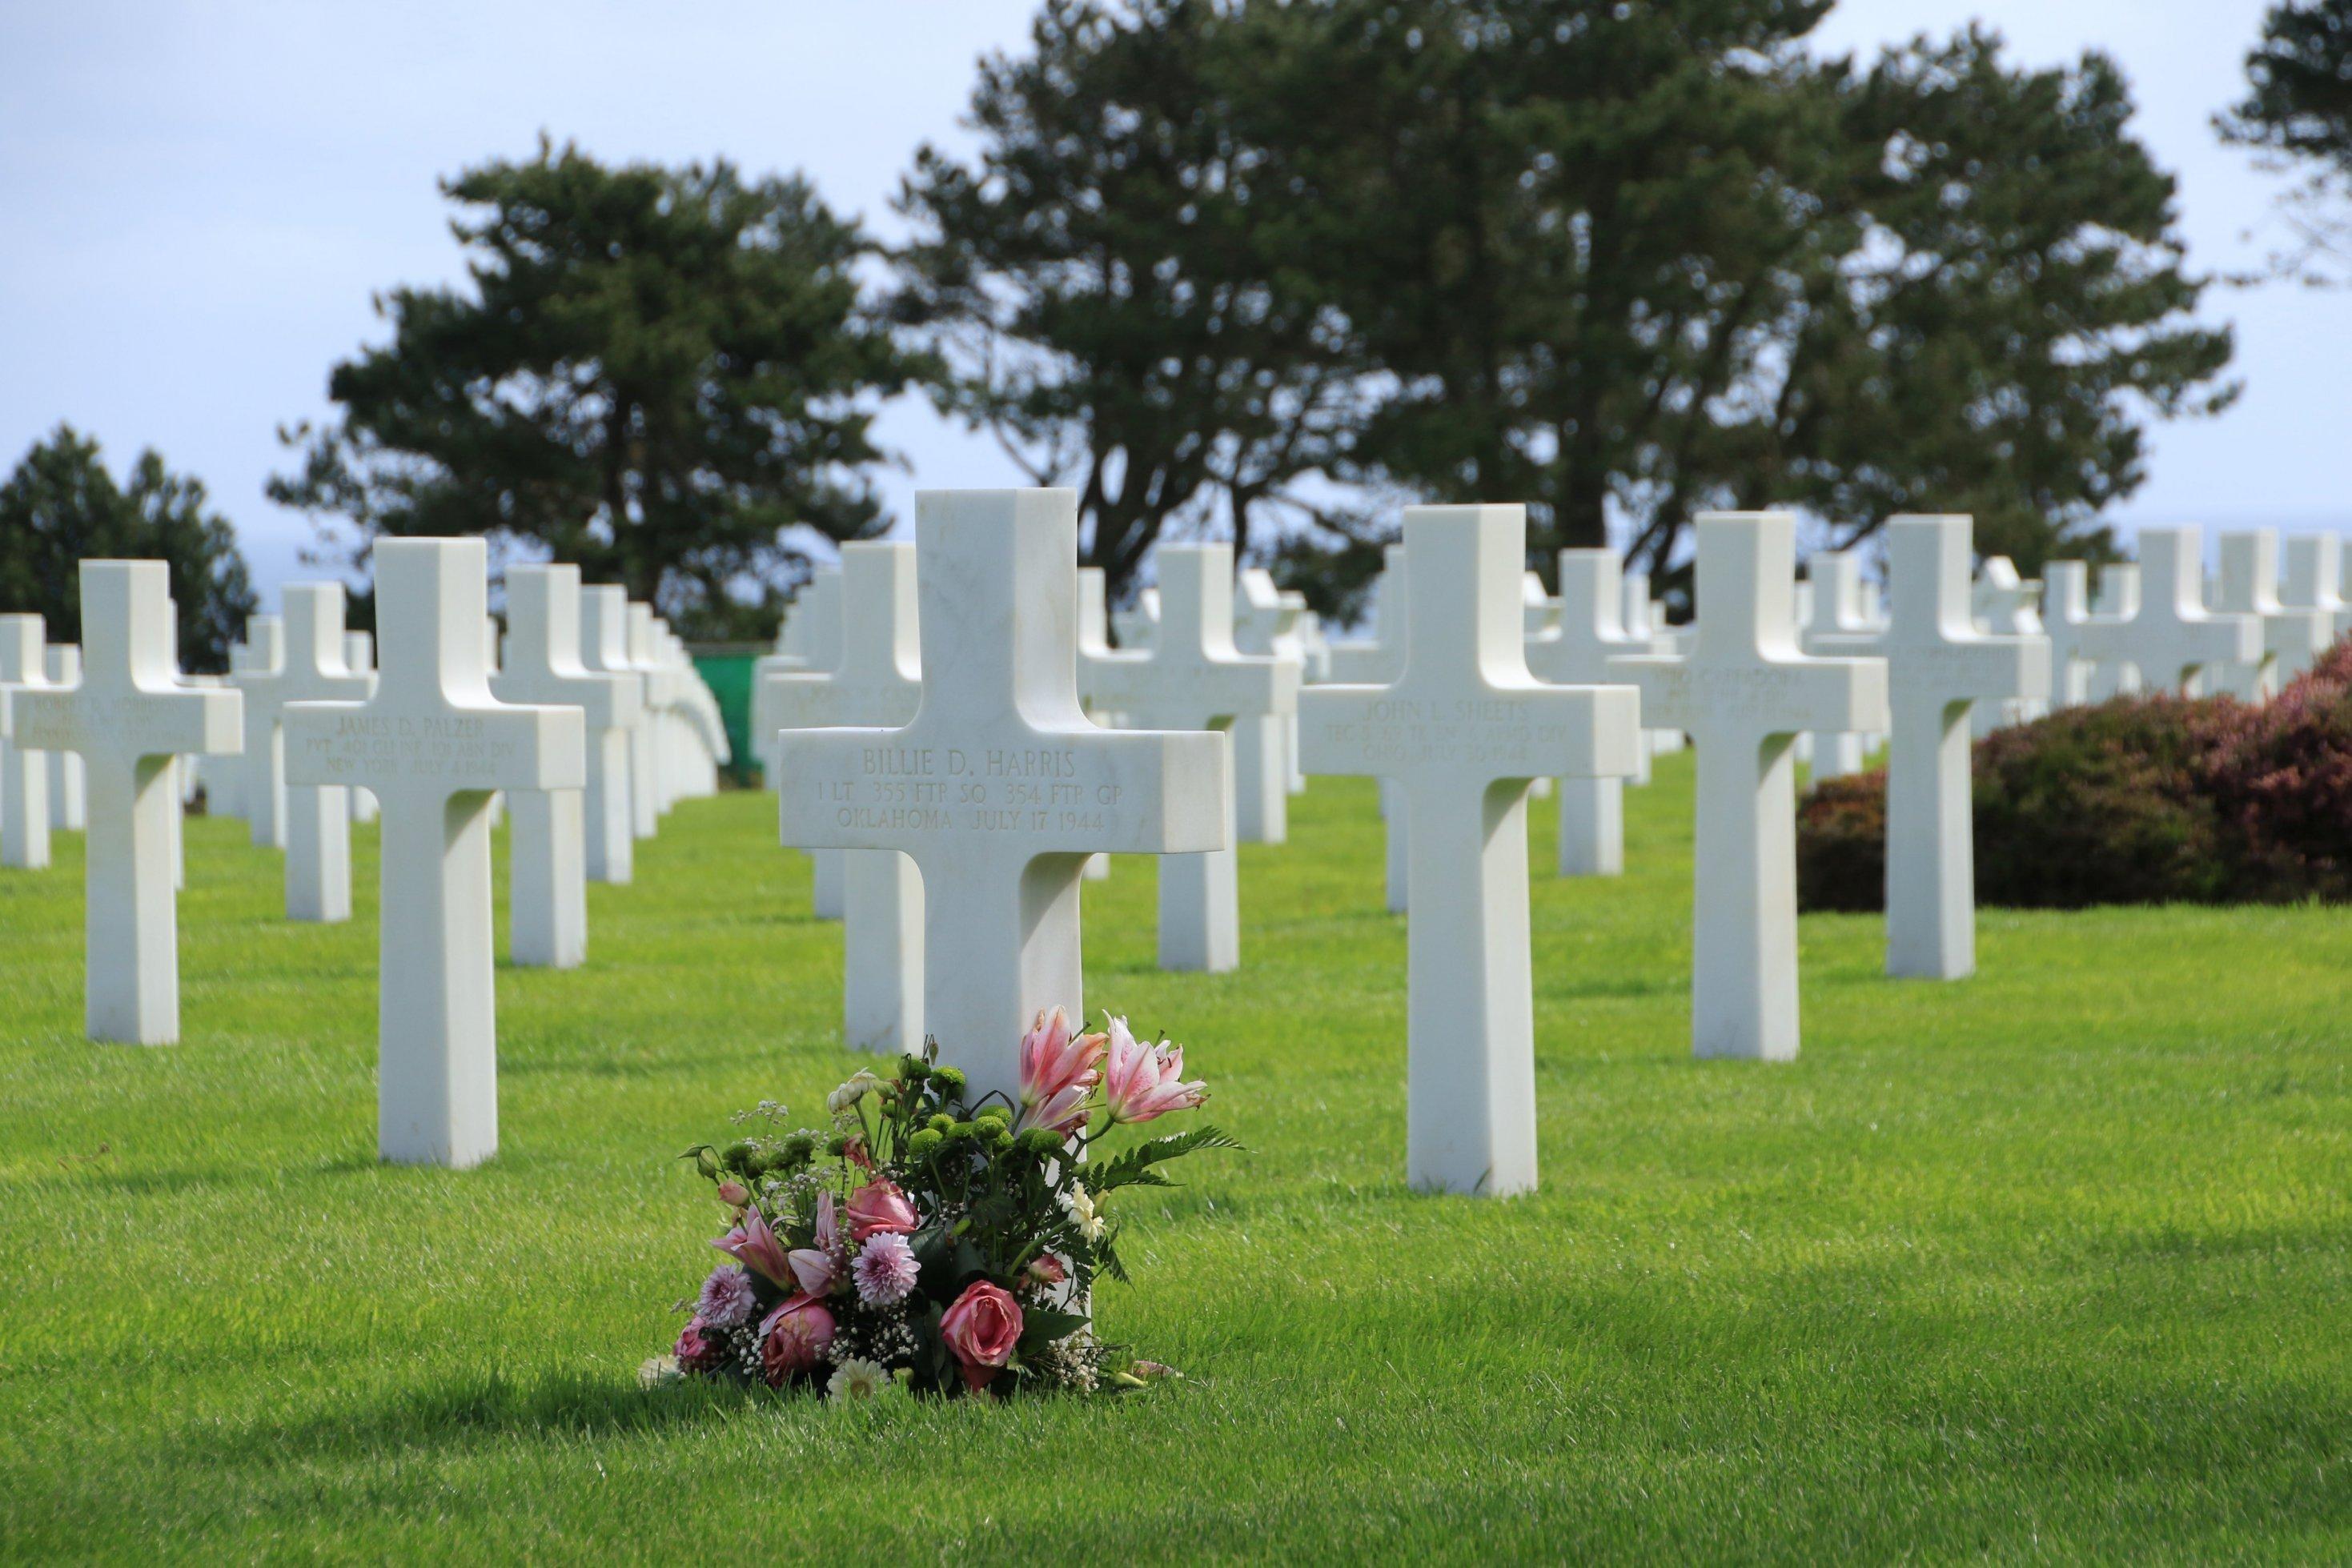 Weiße Kreuze stehen nebeneinander. Vor einem liegt ein Blumenstrauß.